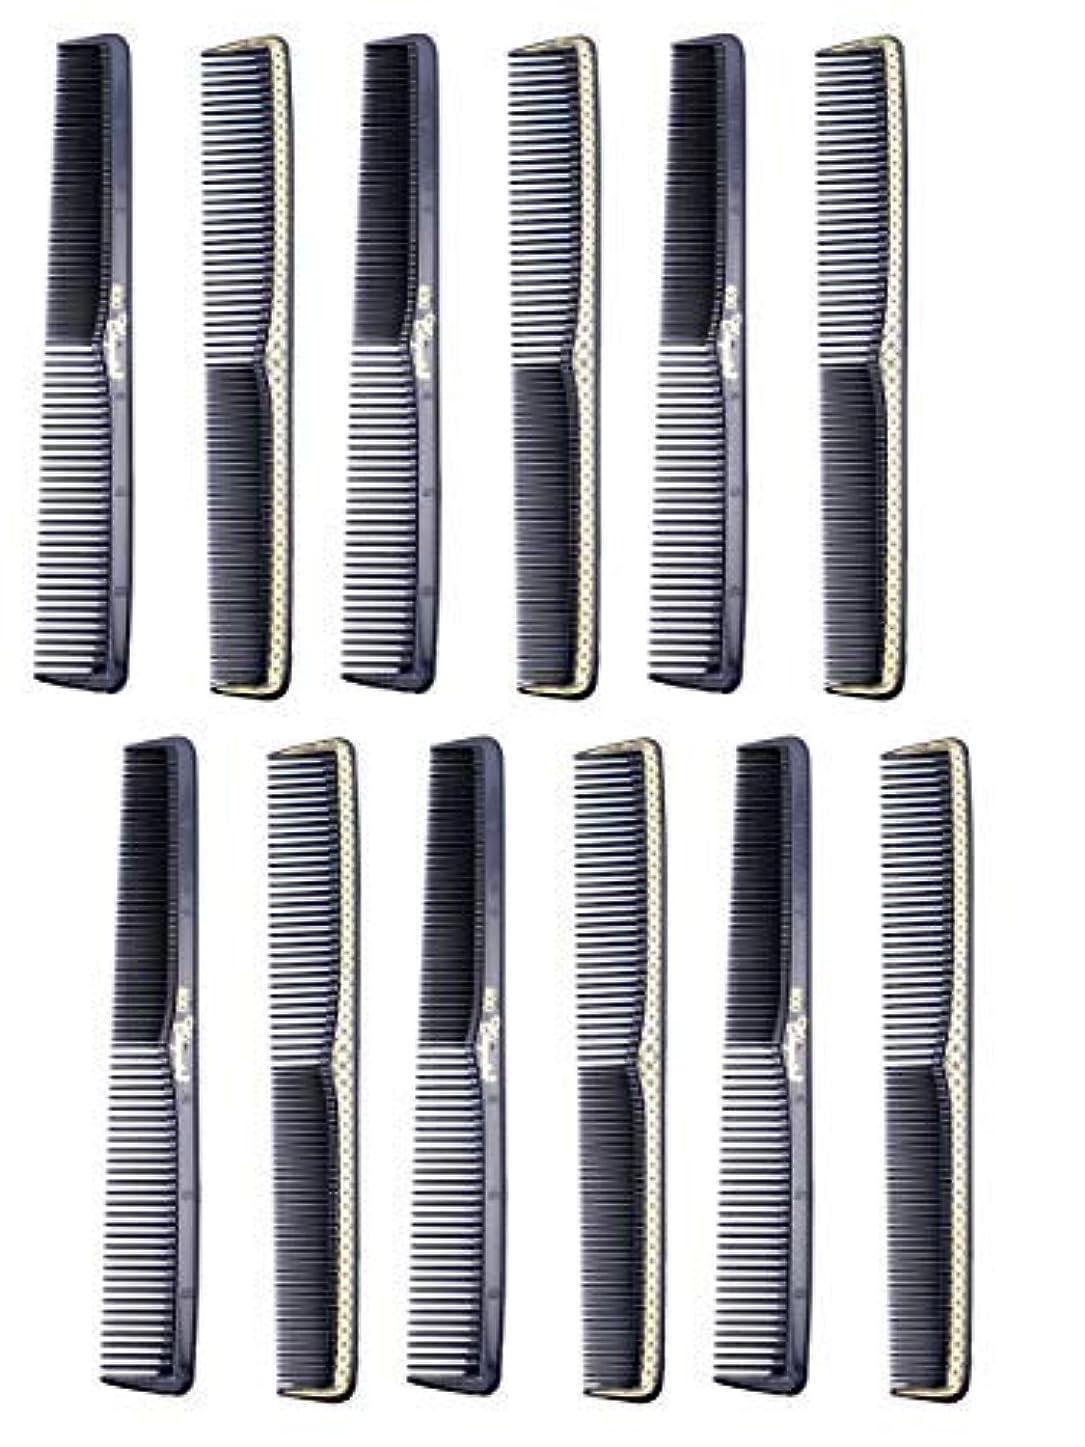 探偵ミッション死傷者7 inch All Purpose Hair Comb. Hair Cutting Combs. Barber's & Hairstylist Combs. Black With Gold. 12 Units. [並行輸入品]